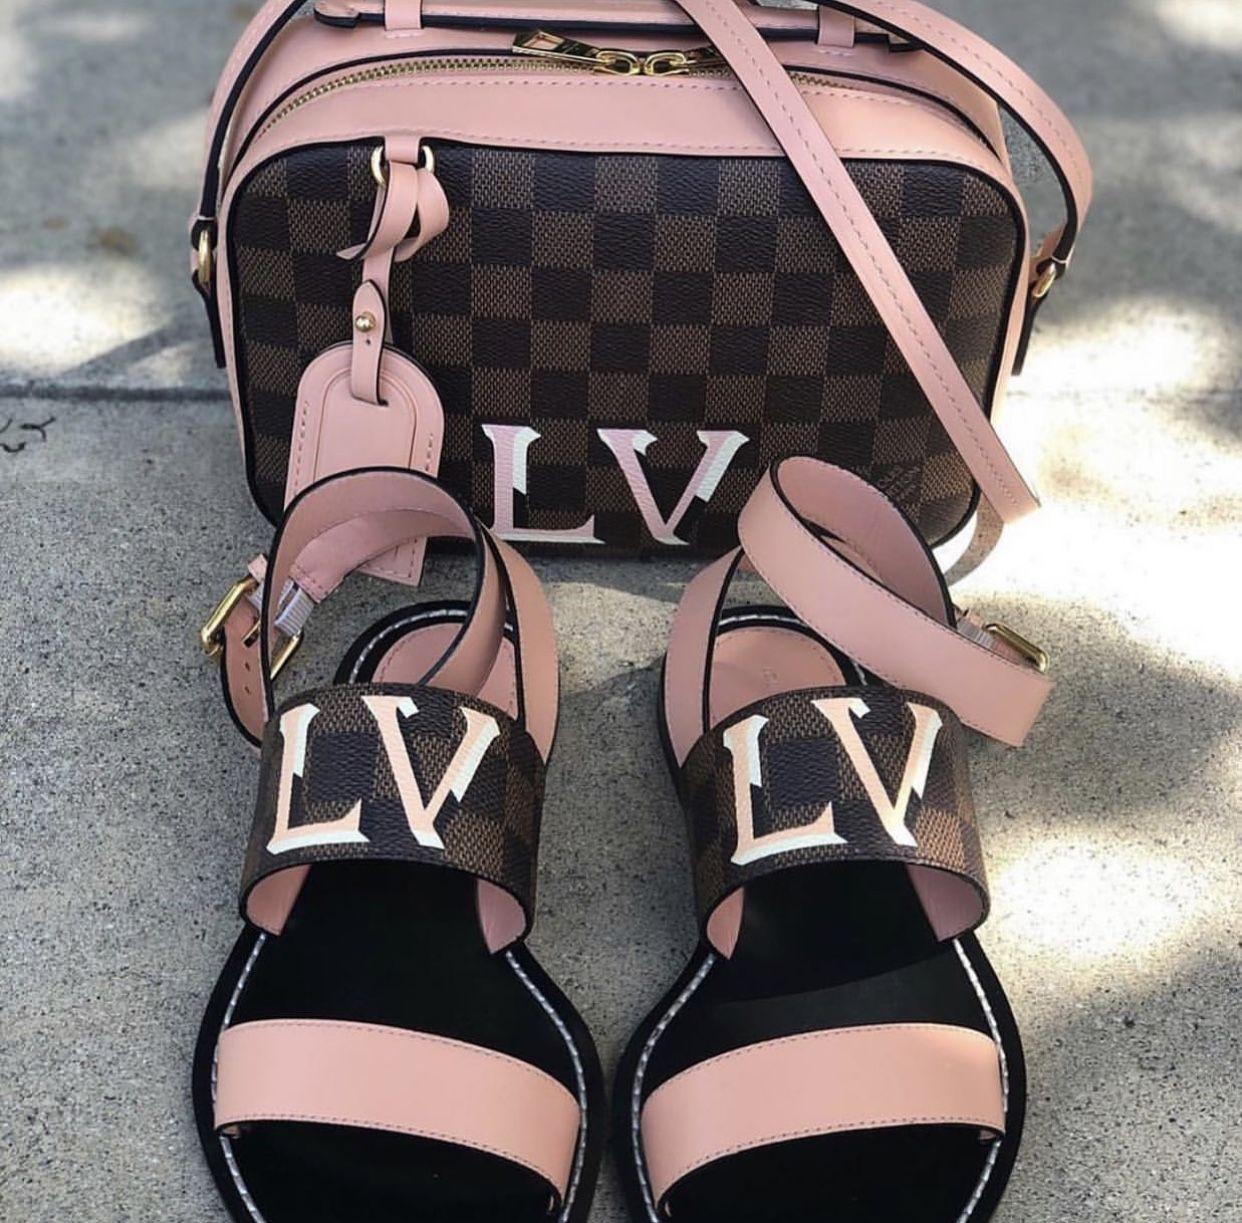 Pin By Lavish Fashions On Louis Vuitton Louis Vuitton Shoes Women Handbags Trending Handbag